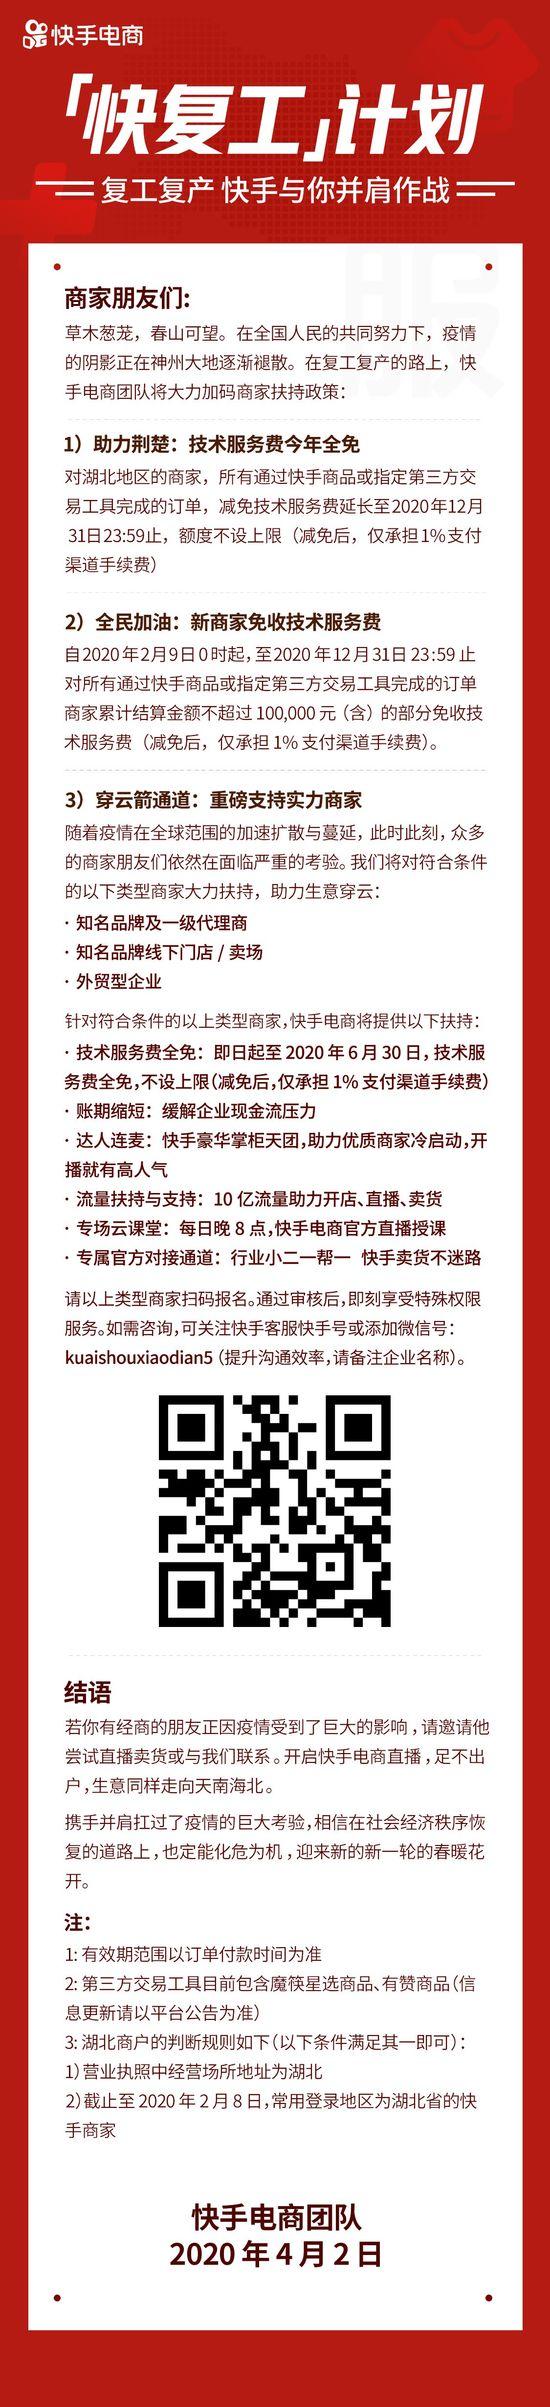 """快手电商推出""""快复工""""计划 加码商家扶持政策_零售_电商报"""